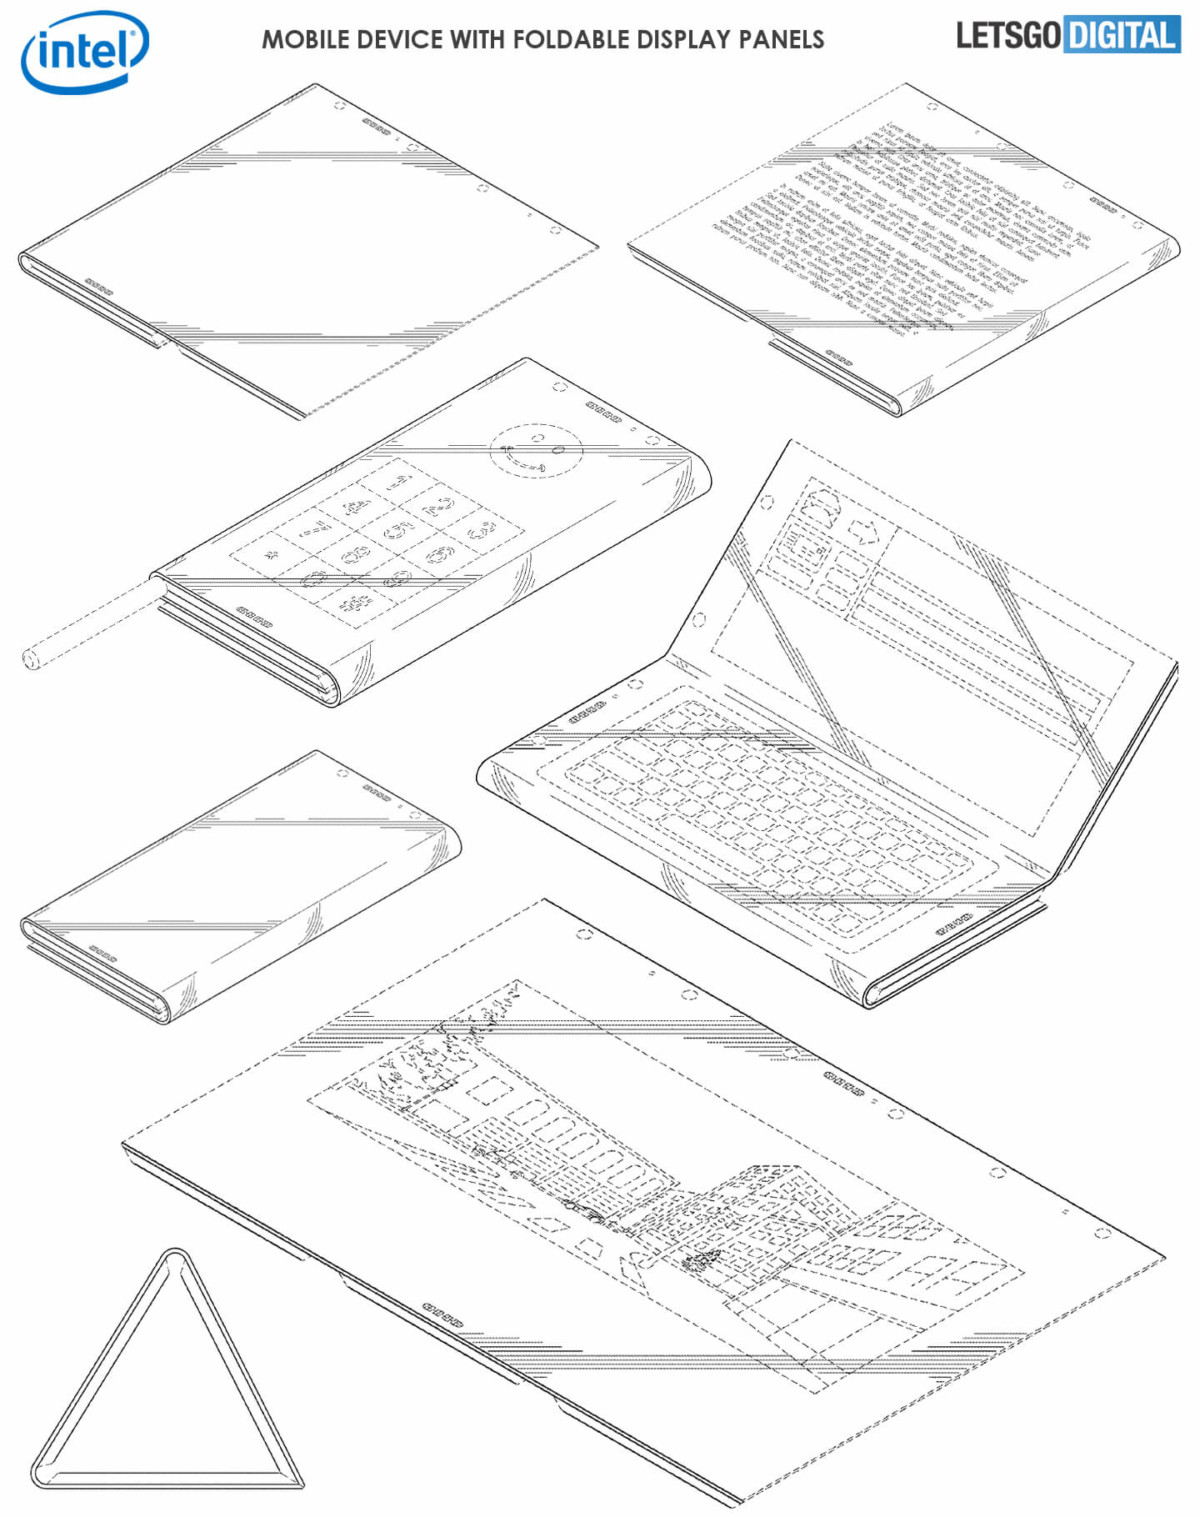 Les dessins décrivant le brevet d'Intel